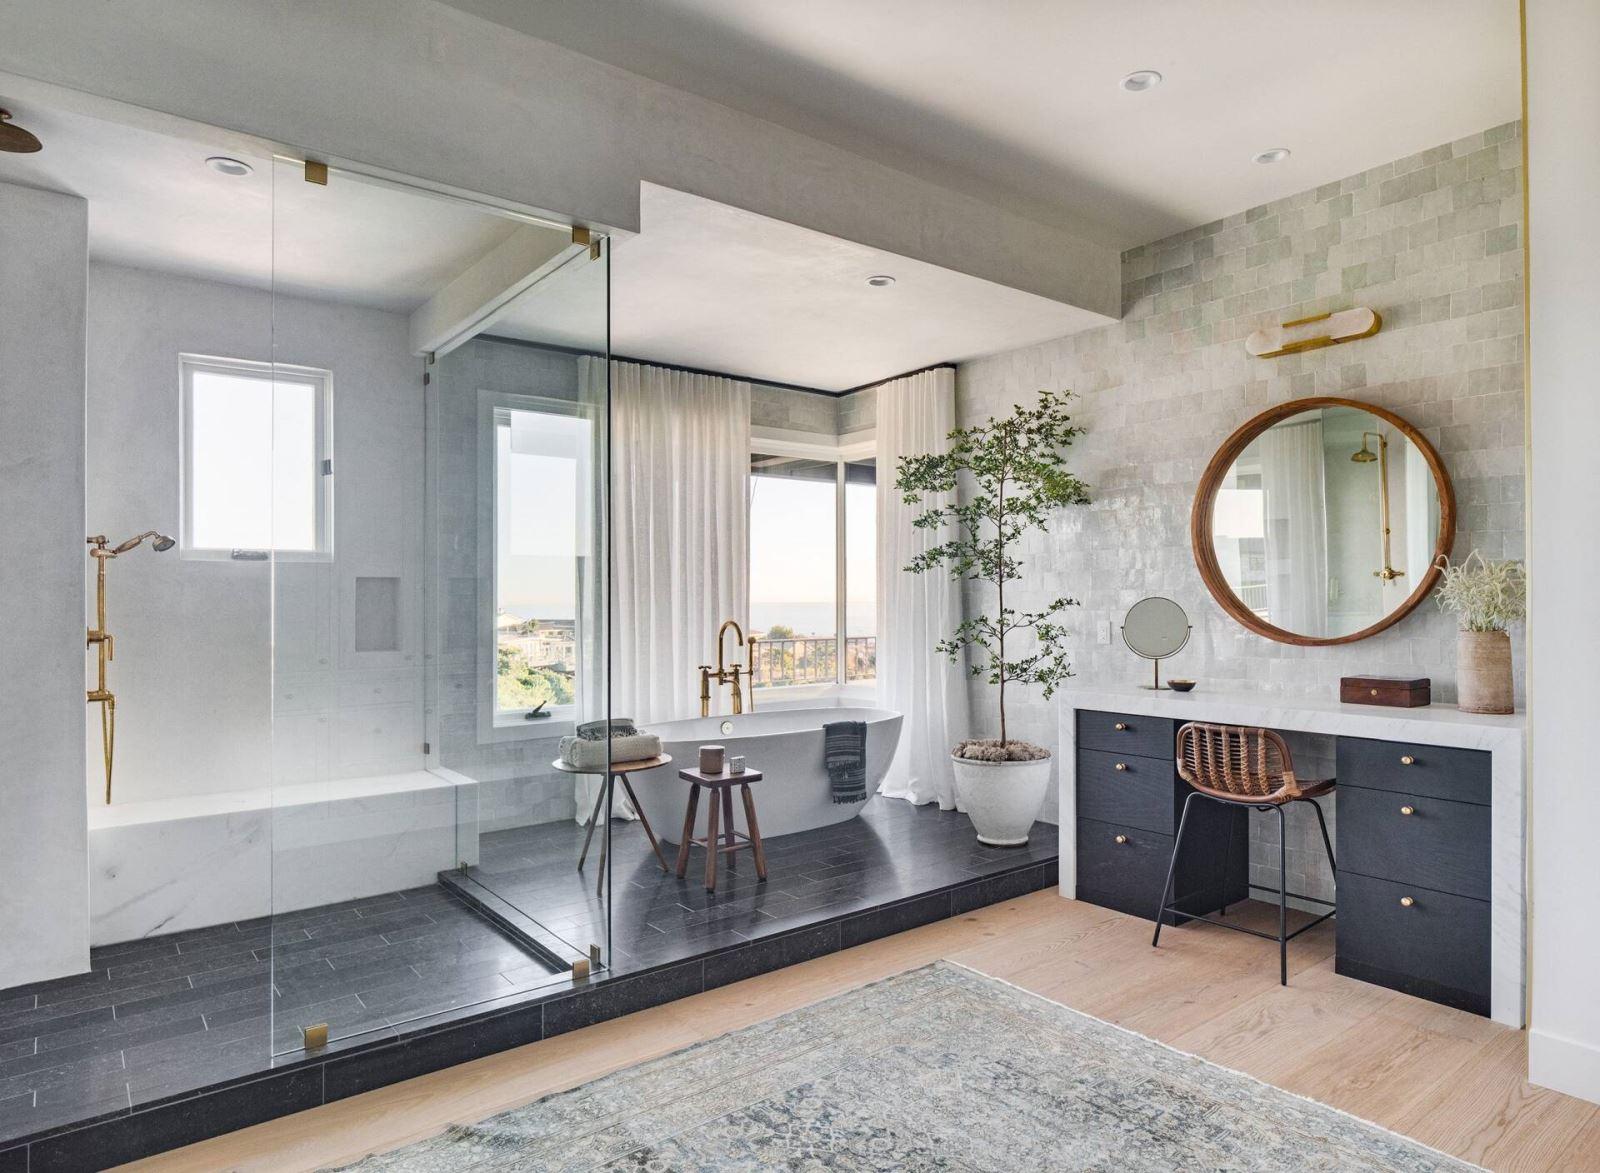 Các vật dụng không thể thiếu trong nhà tắm: lavabo, bồn cầu, vòi sen, gương tắm...